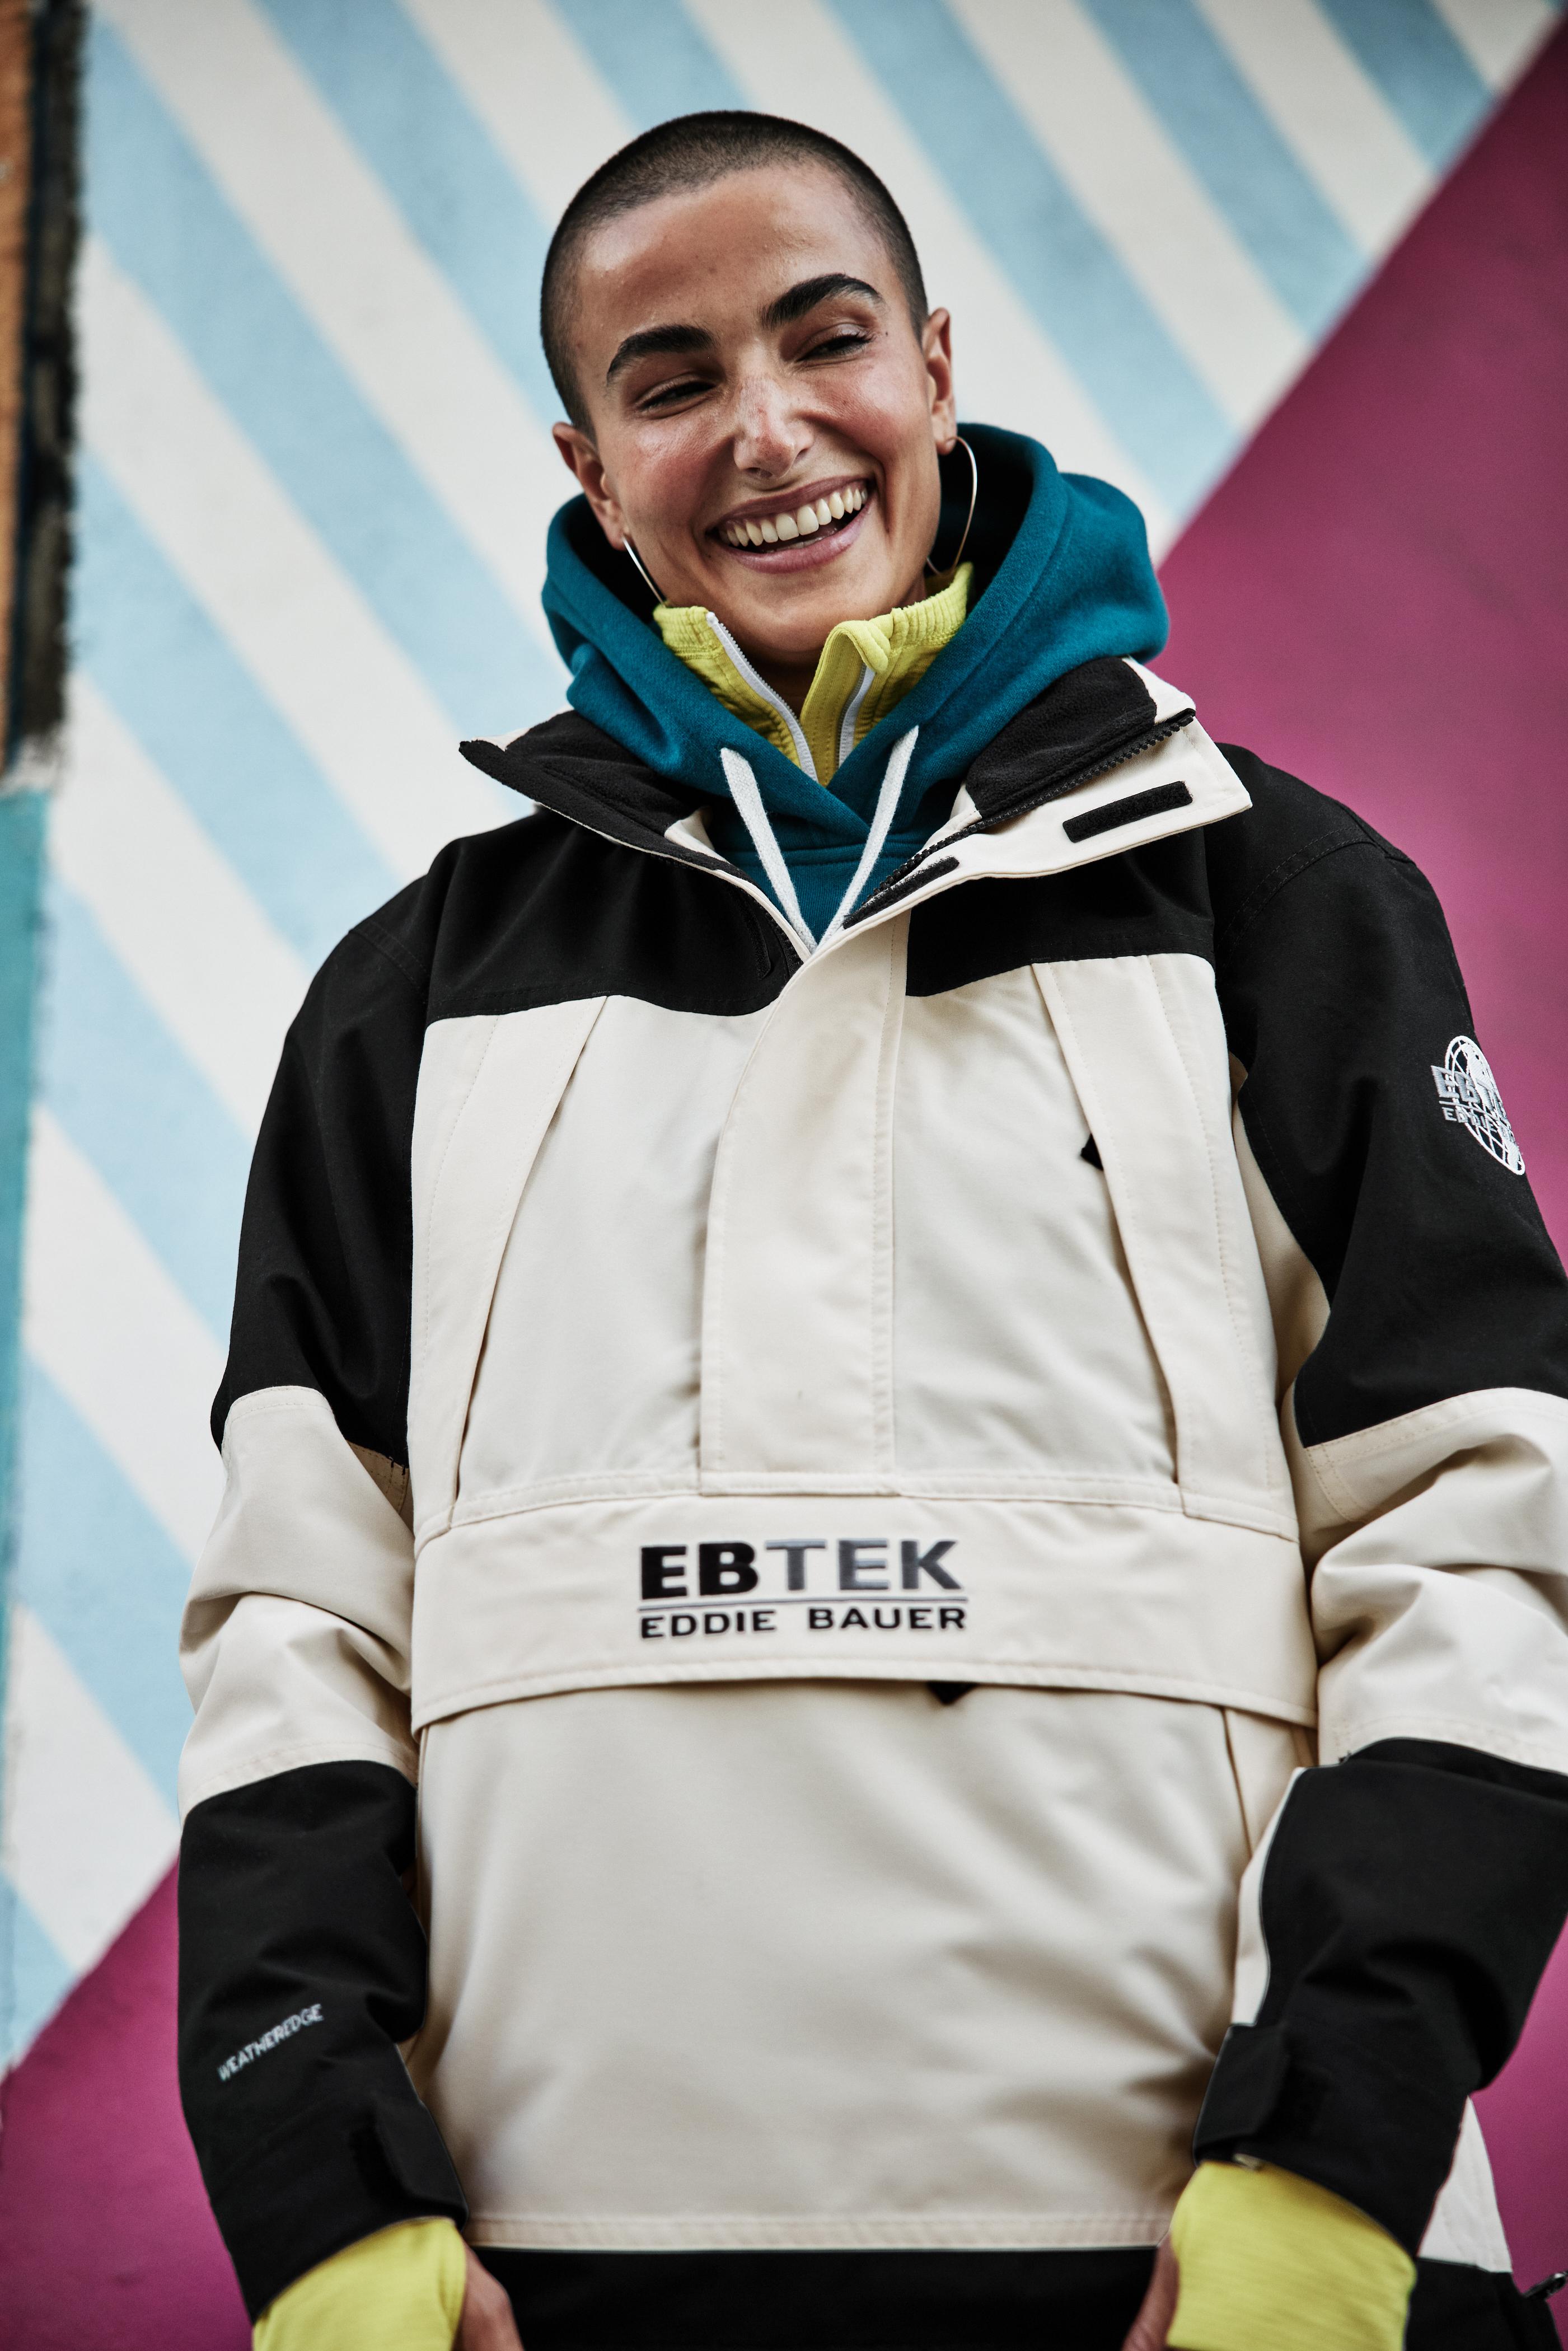 Eddie Bauer Relaunches EBTek Activewear